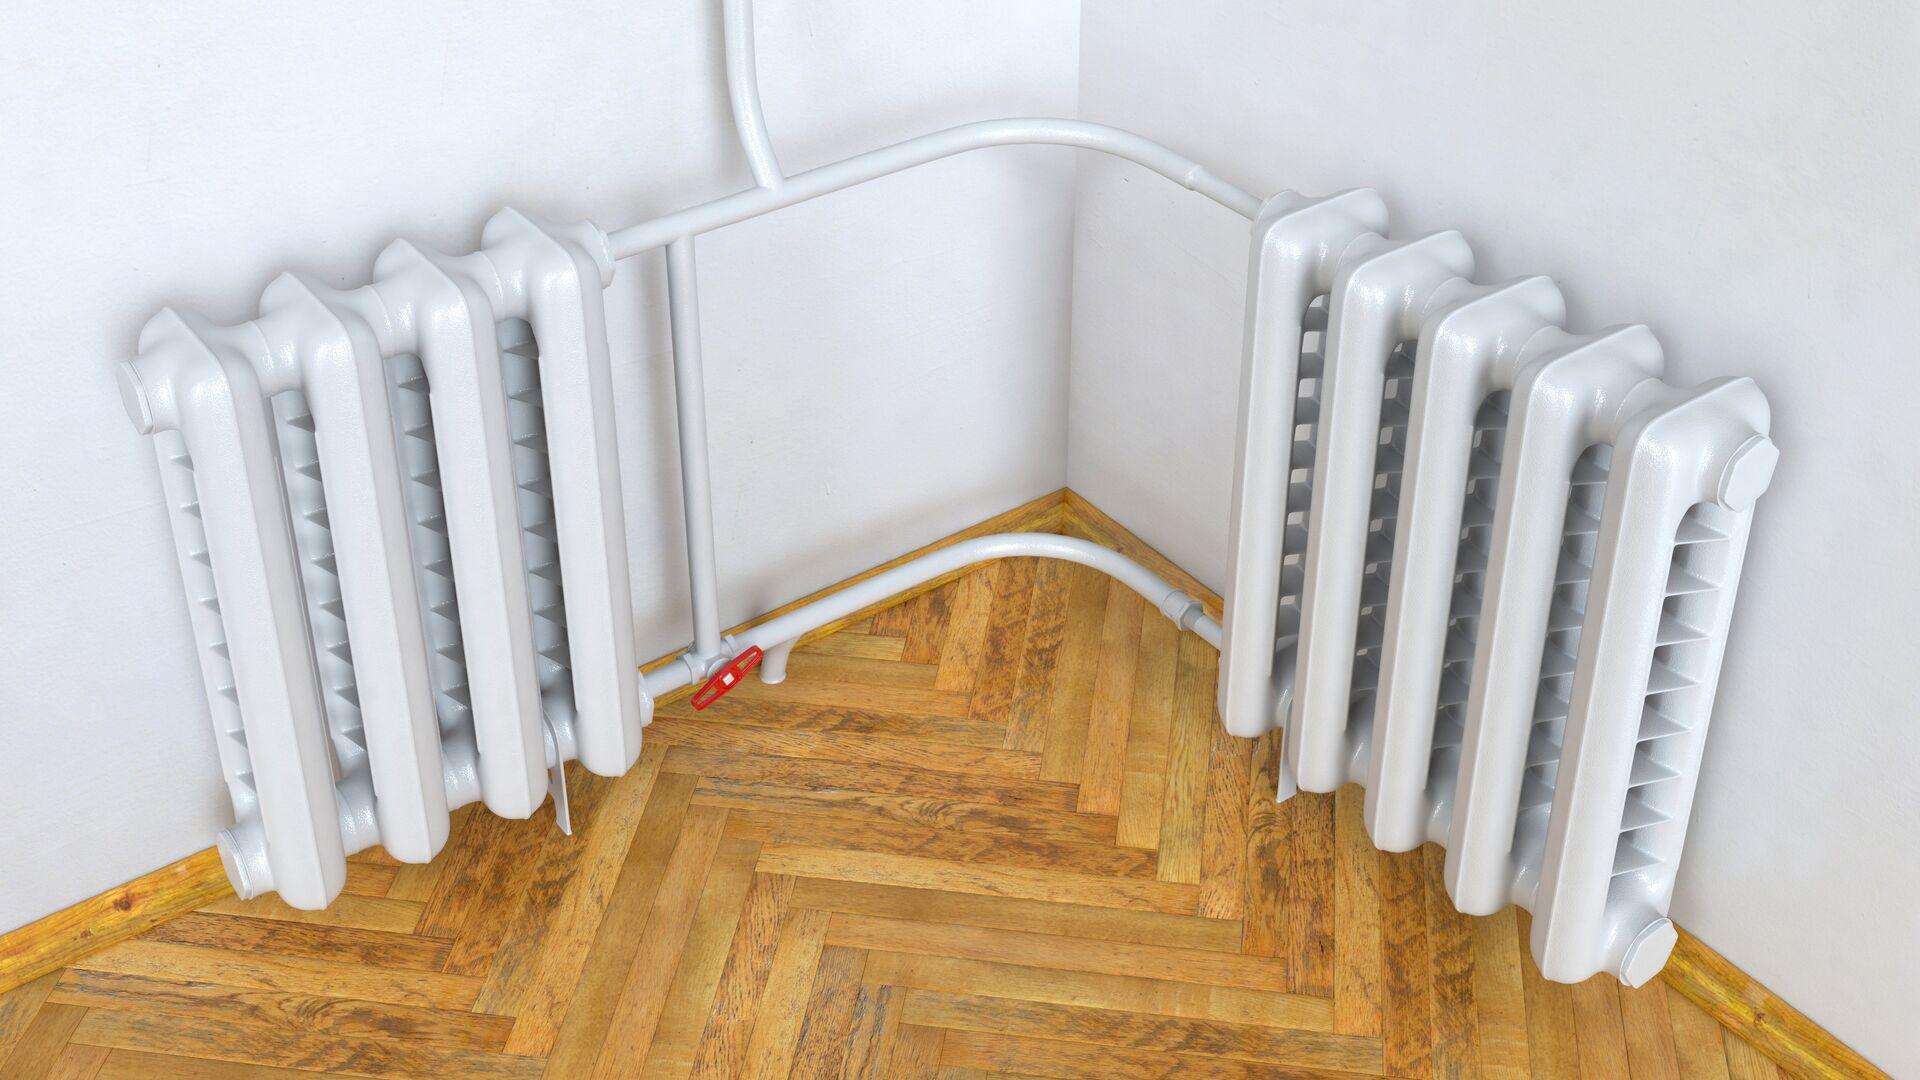 Радиатор отопления в квартире - РИА Новости, 1920, 09.10.2020